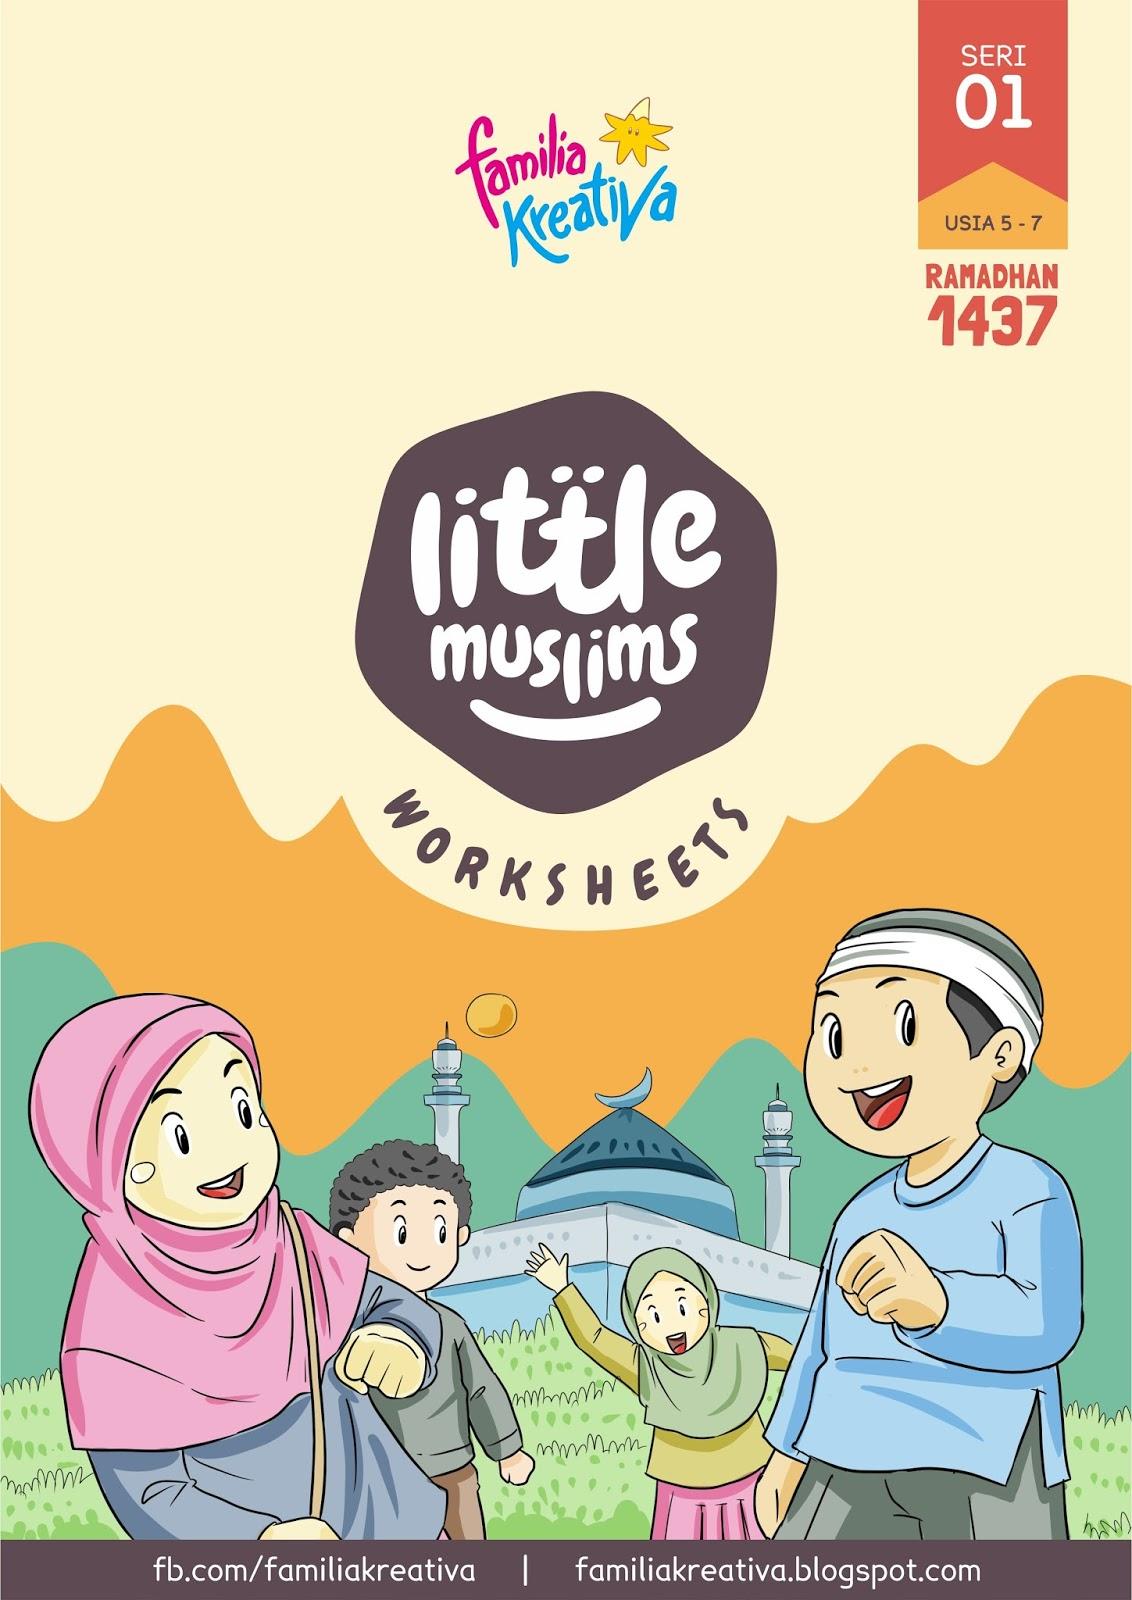 Download Gratis Tis Tis Worksheets Ramadhan Kece Dari